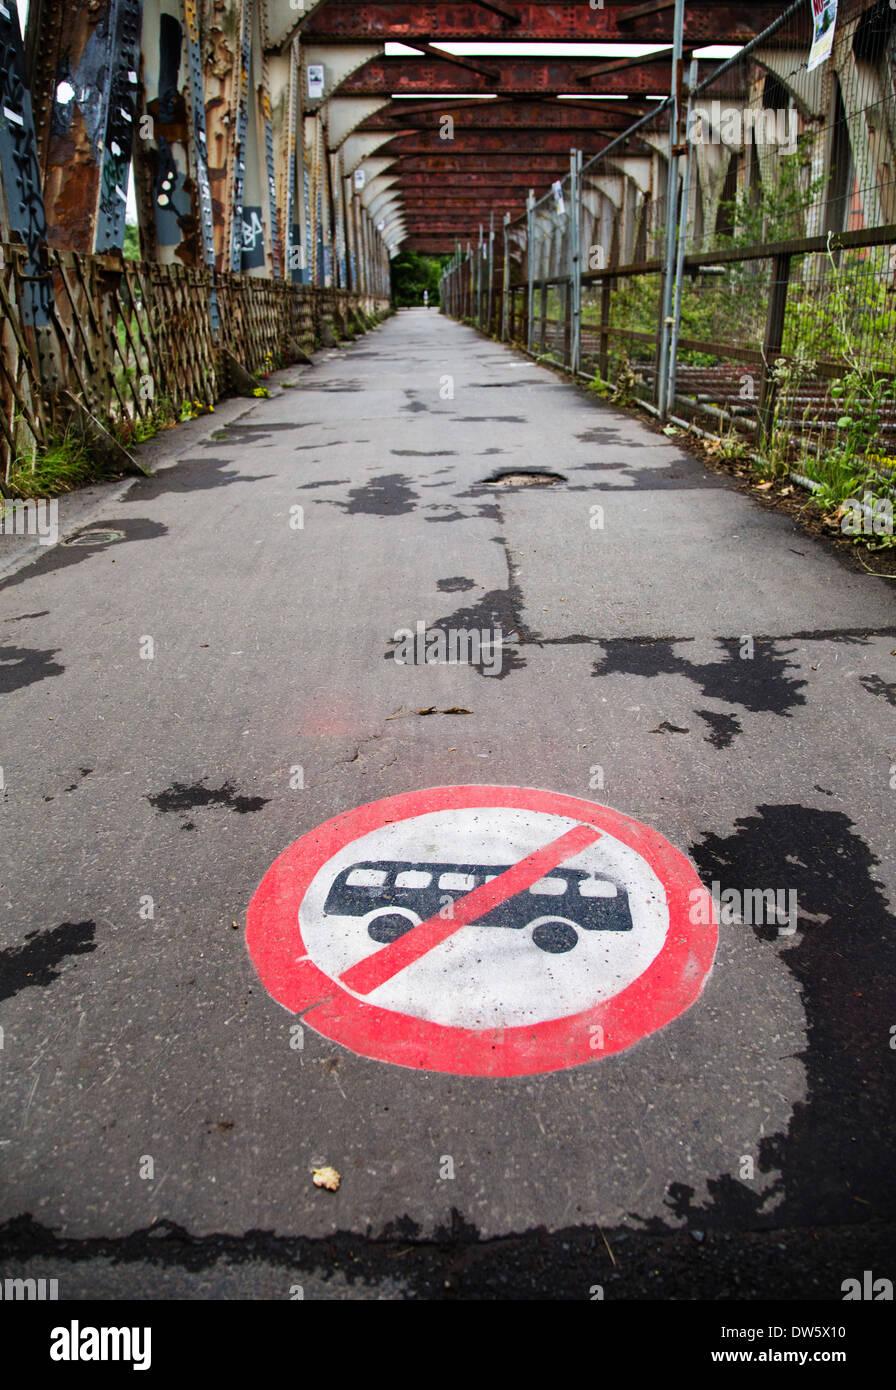 Graffiti ningún signo de autobuses en el viejo puente giratorio Ashton Bristol UK protestando contra los planes del Consejo para desarrollar el puente como una ruta de autobús Imagen De Stock